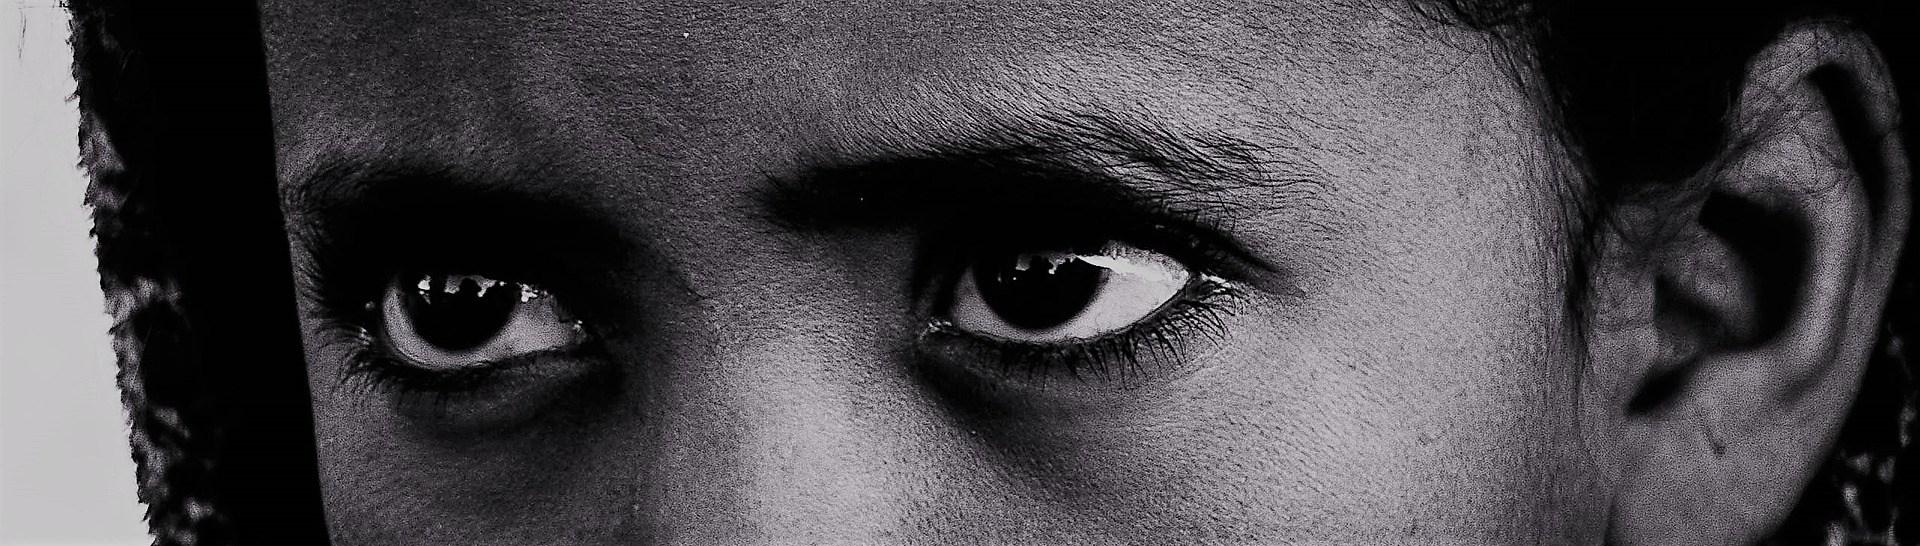 eyes-2971710_1920.jpg